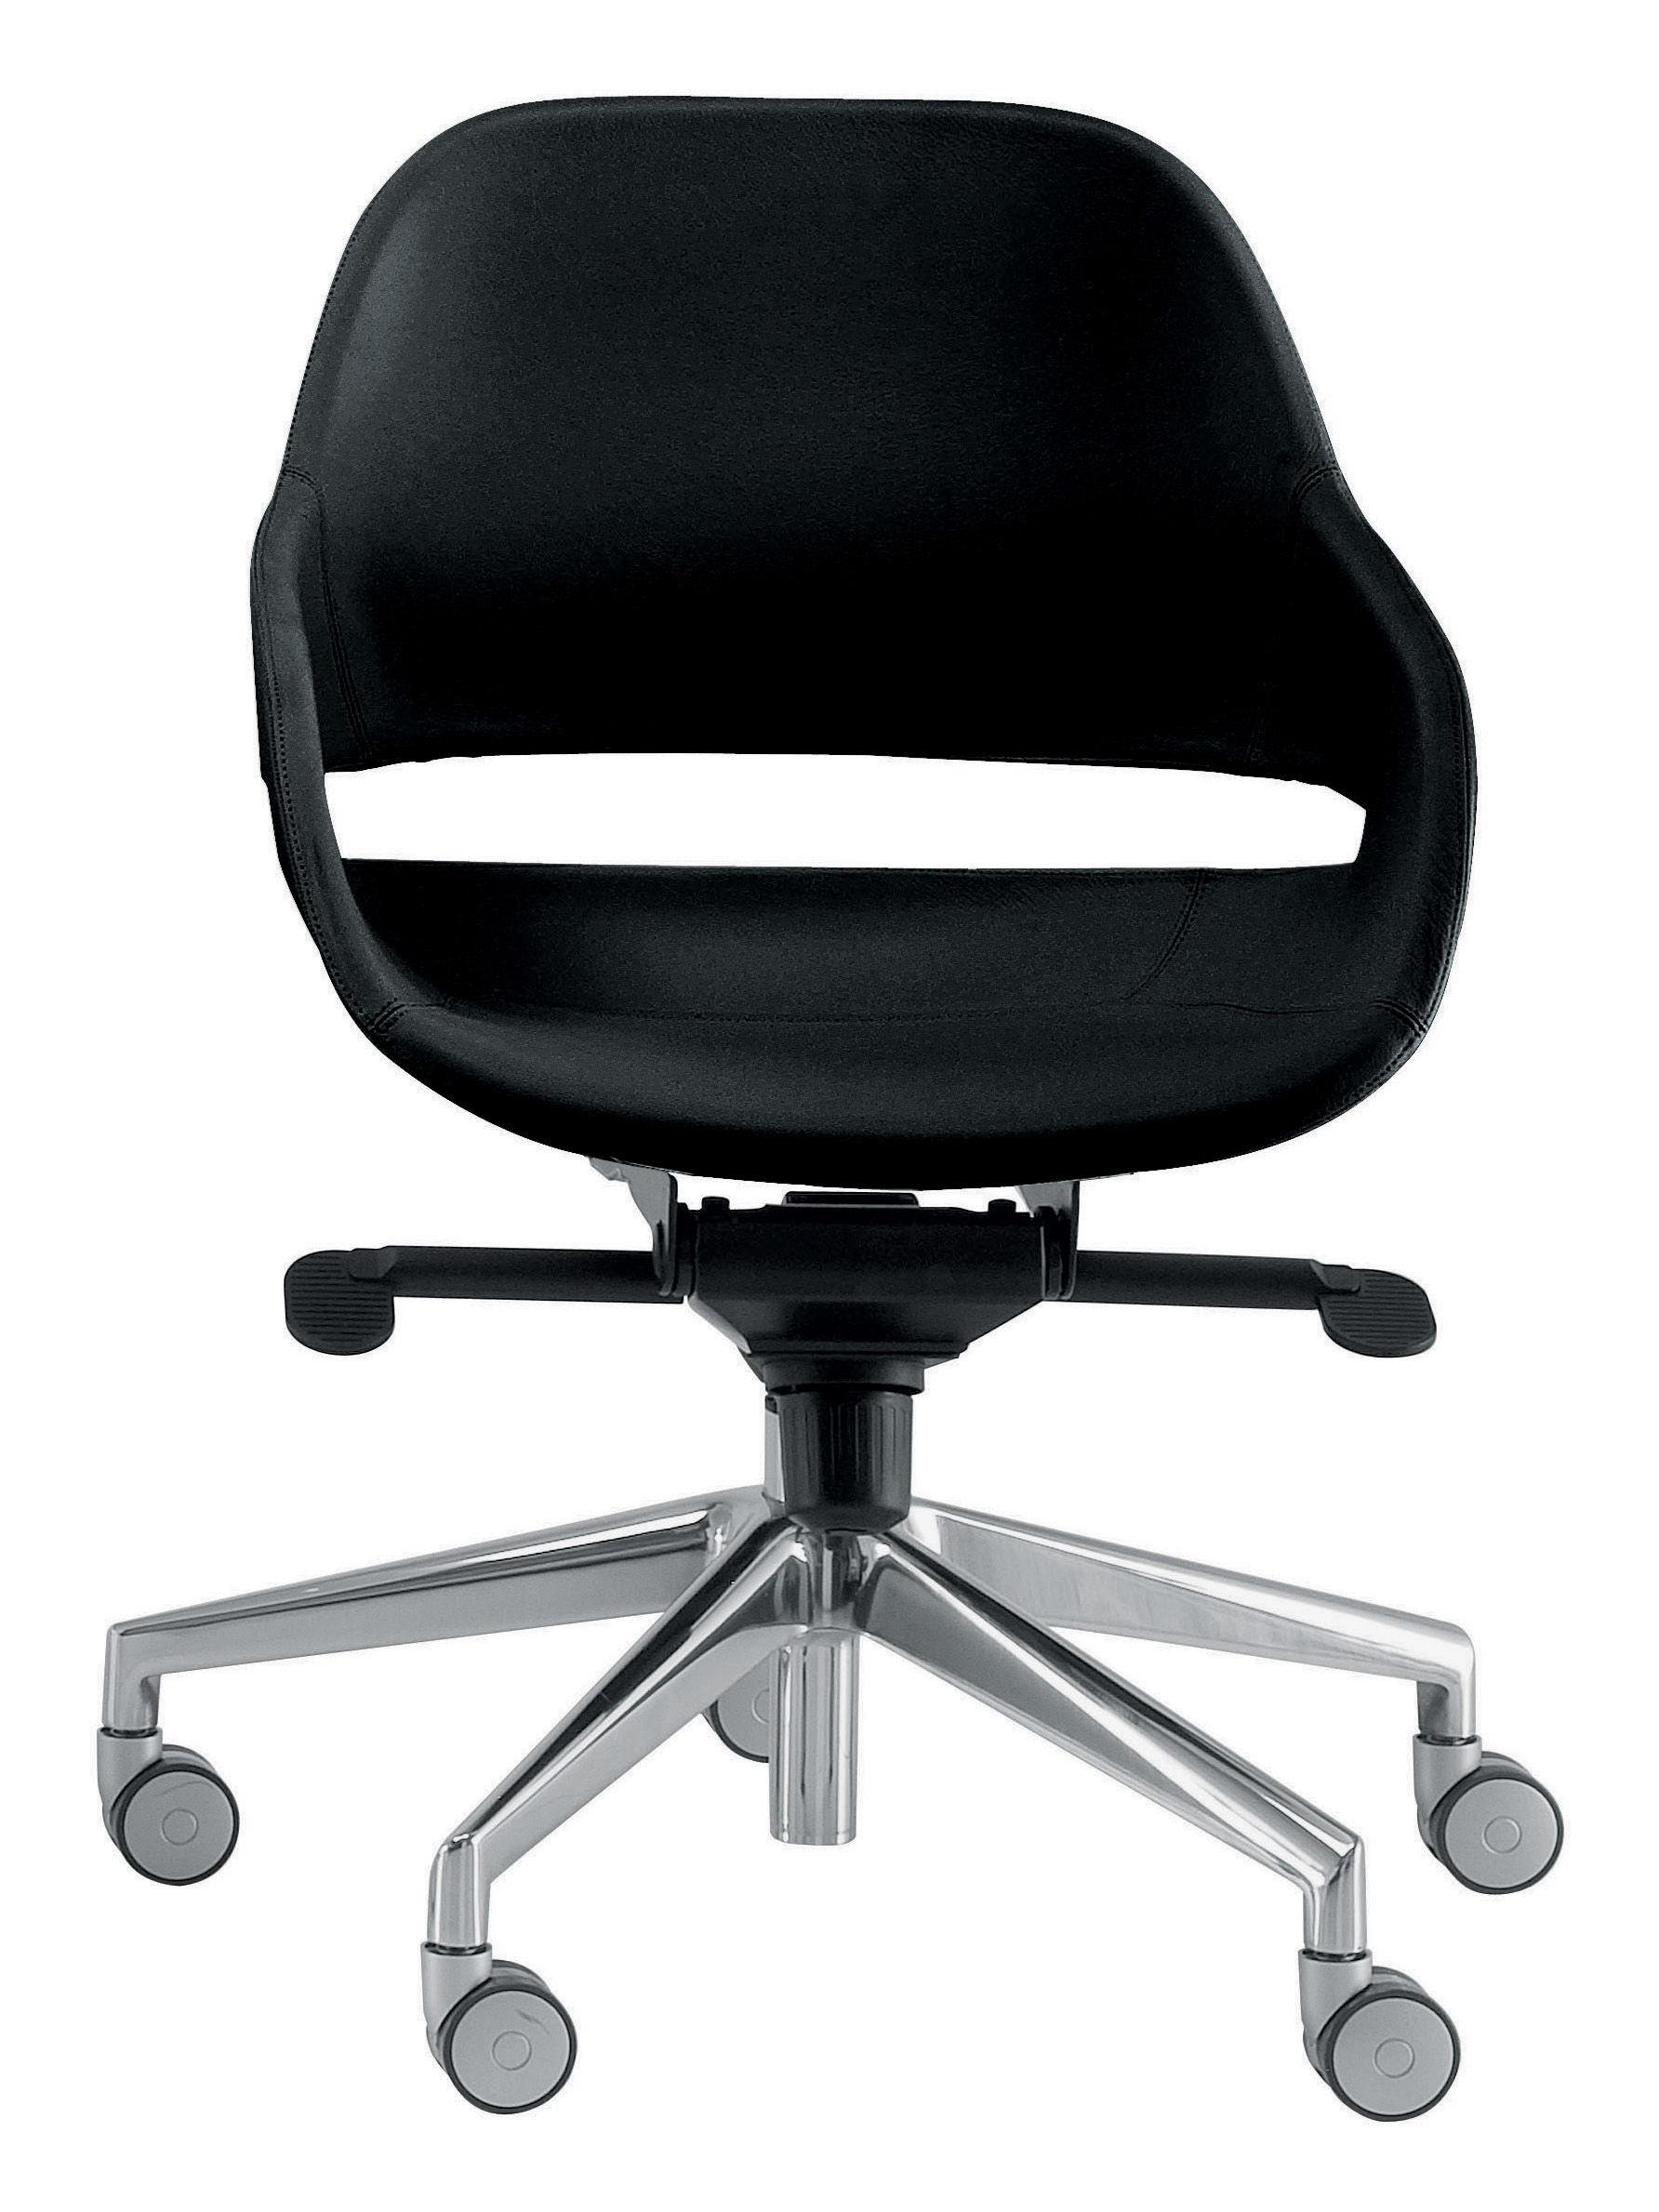 Arredamento - Mobili Ados  - Poltrona a rotelle Eva di Zanotta - Piede alluminio lucido / Guscio nero - Alluminio lucido, Poliuretano